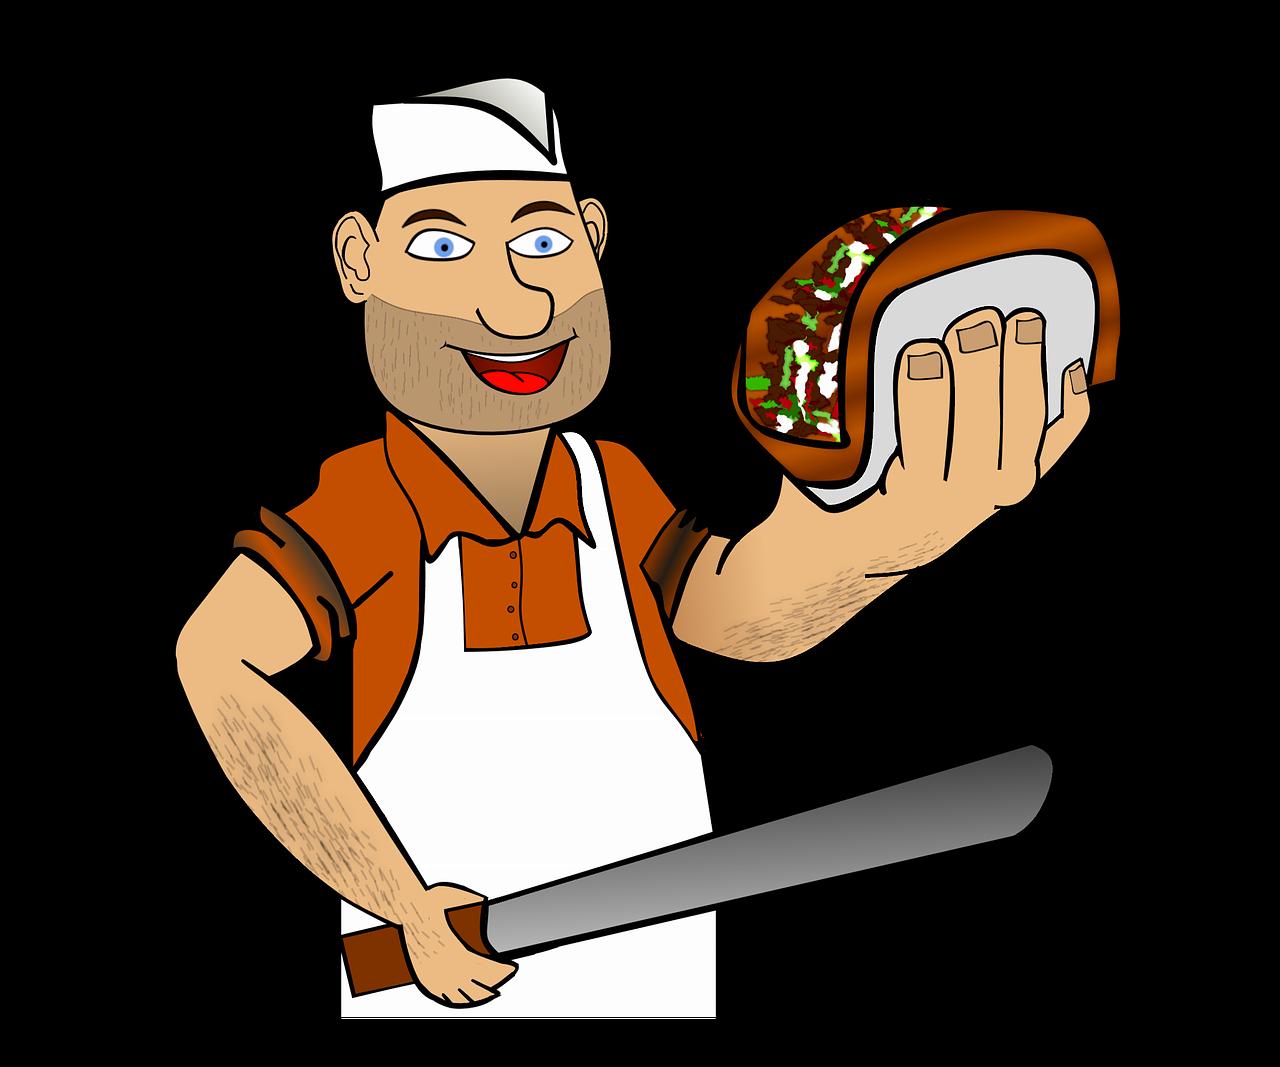 ציור של טבח